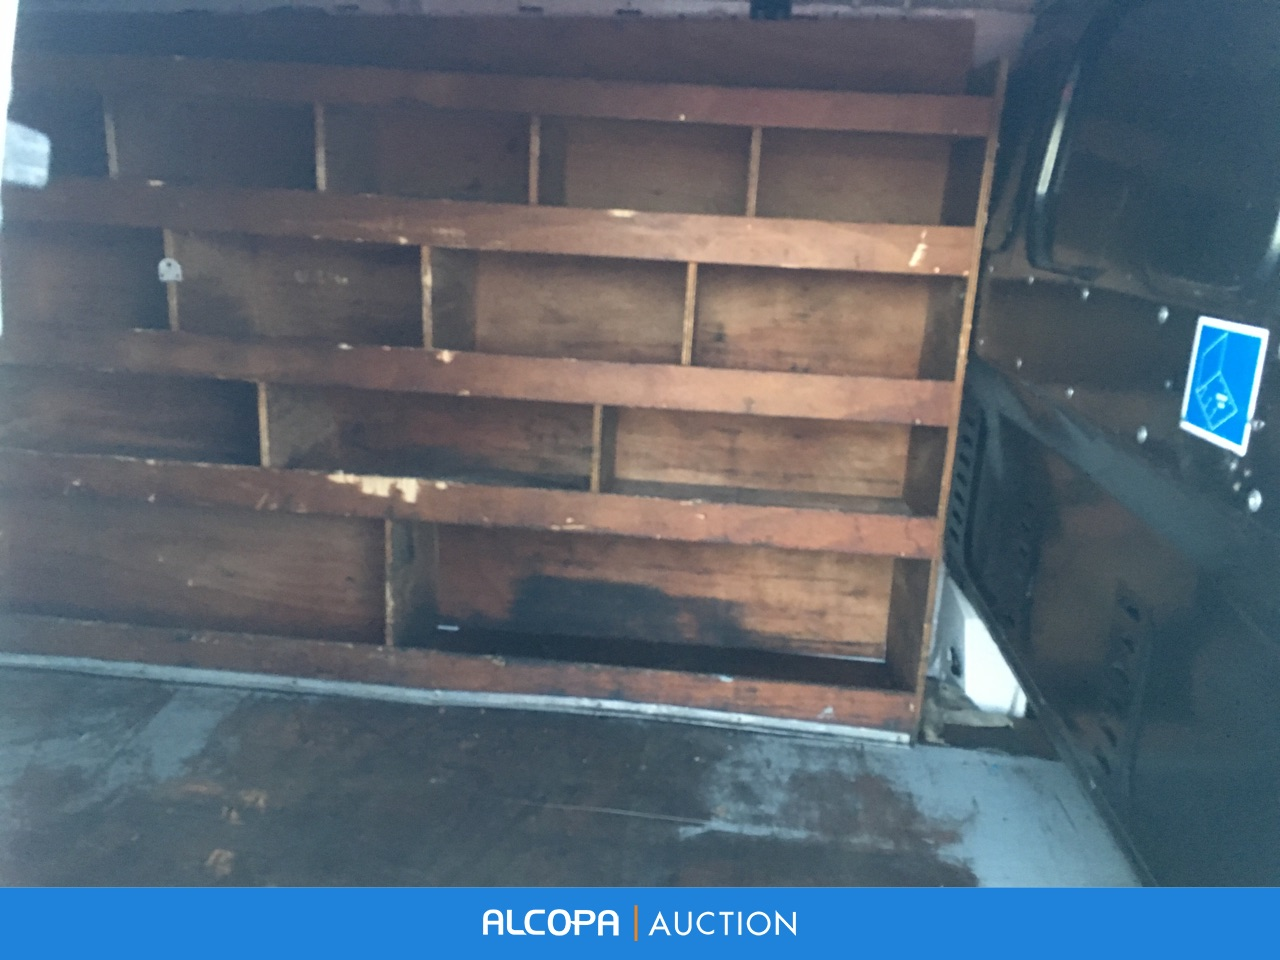 mercedes benz vito fourgon vito 110 cdi 2 8t compact marseille alcopa auction. Black Bedroom Furniture Sets. Home Design Ideas